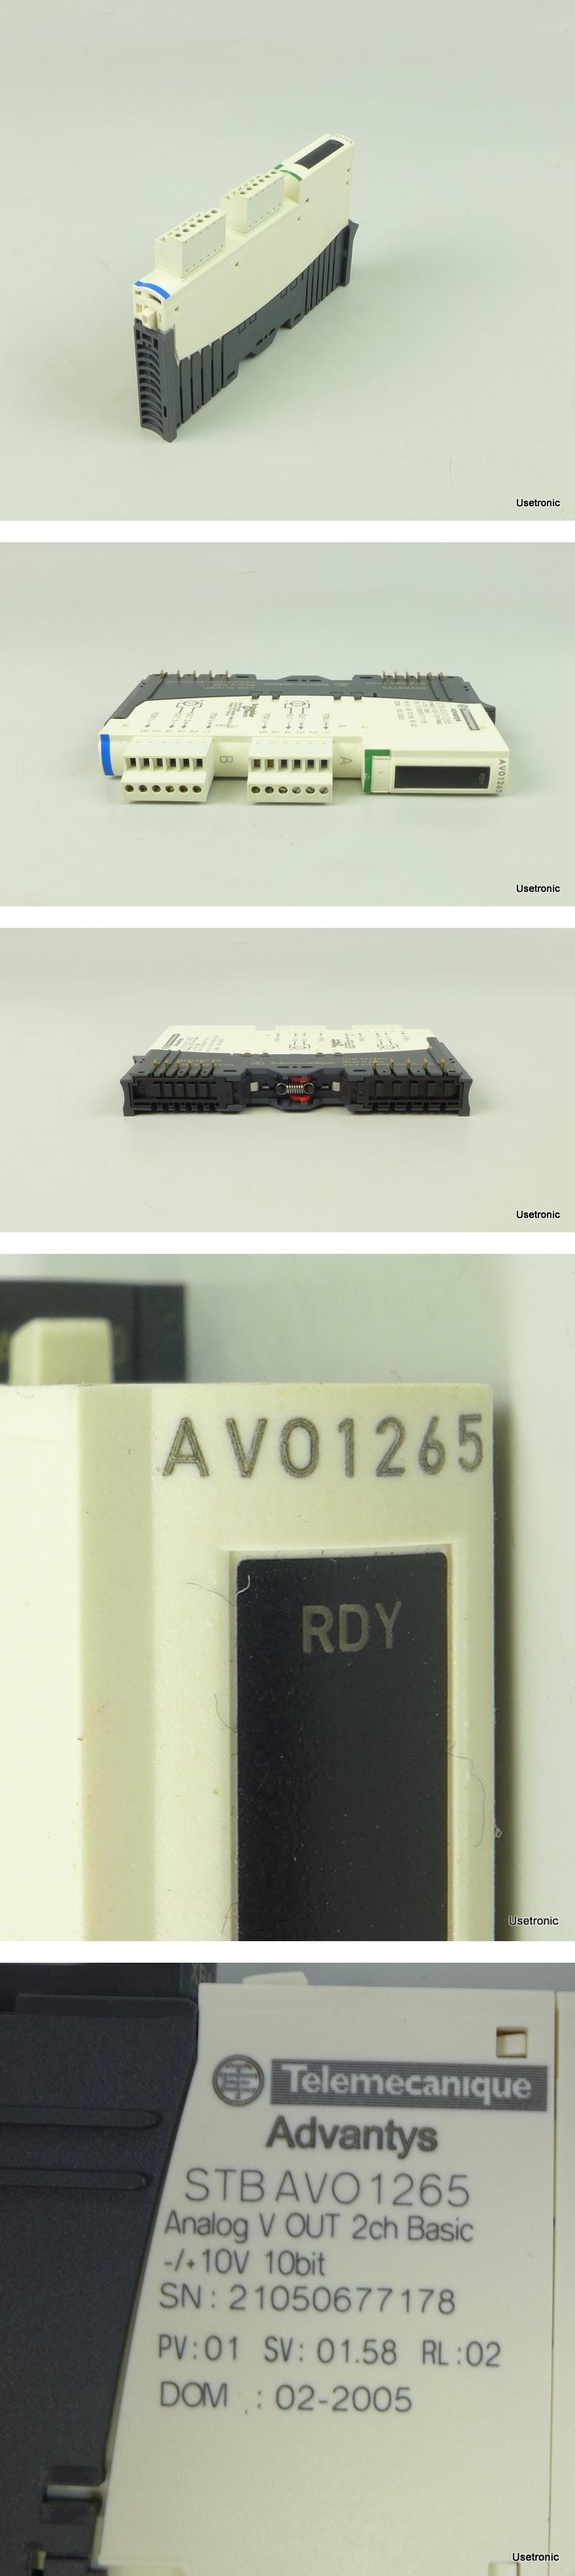 Telemecanique STBAVO1265